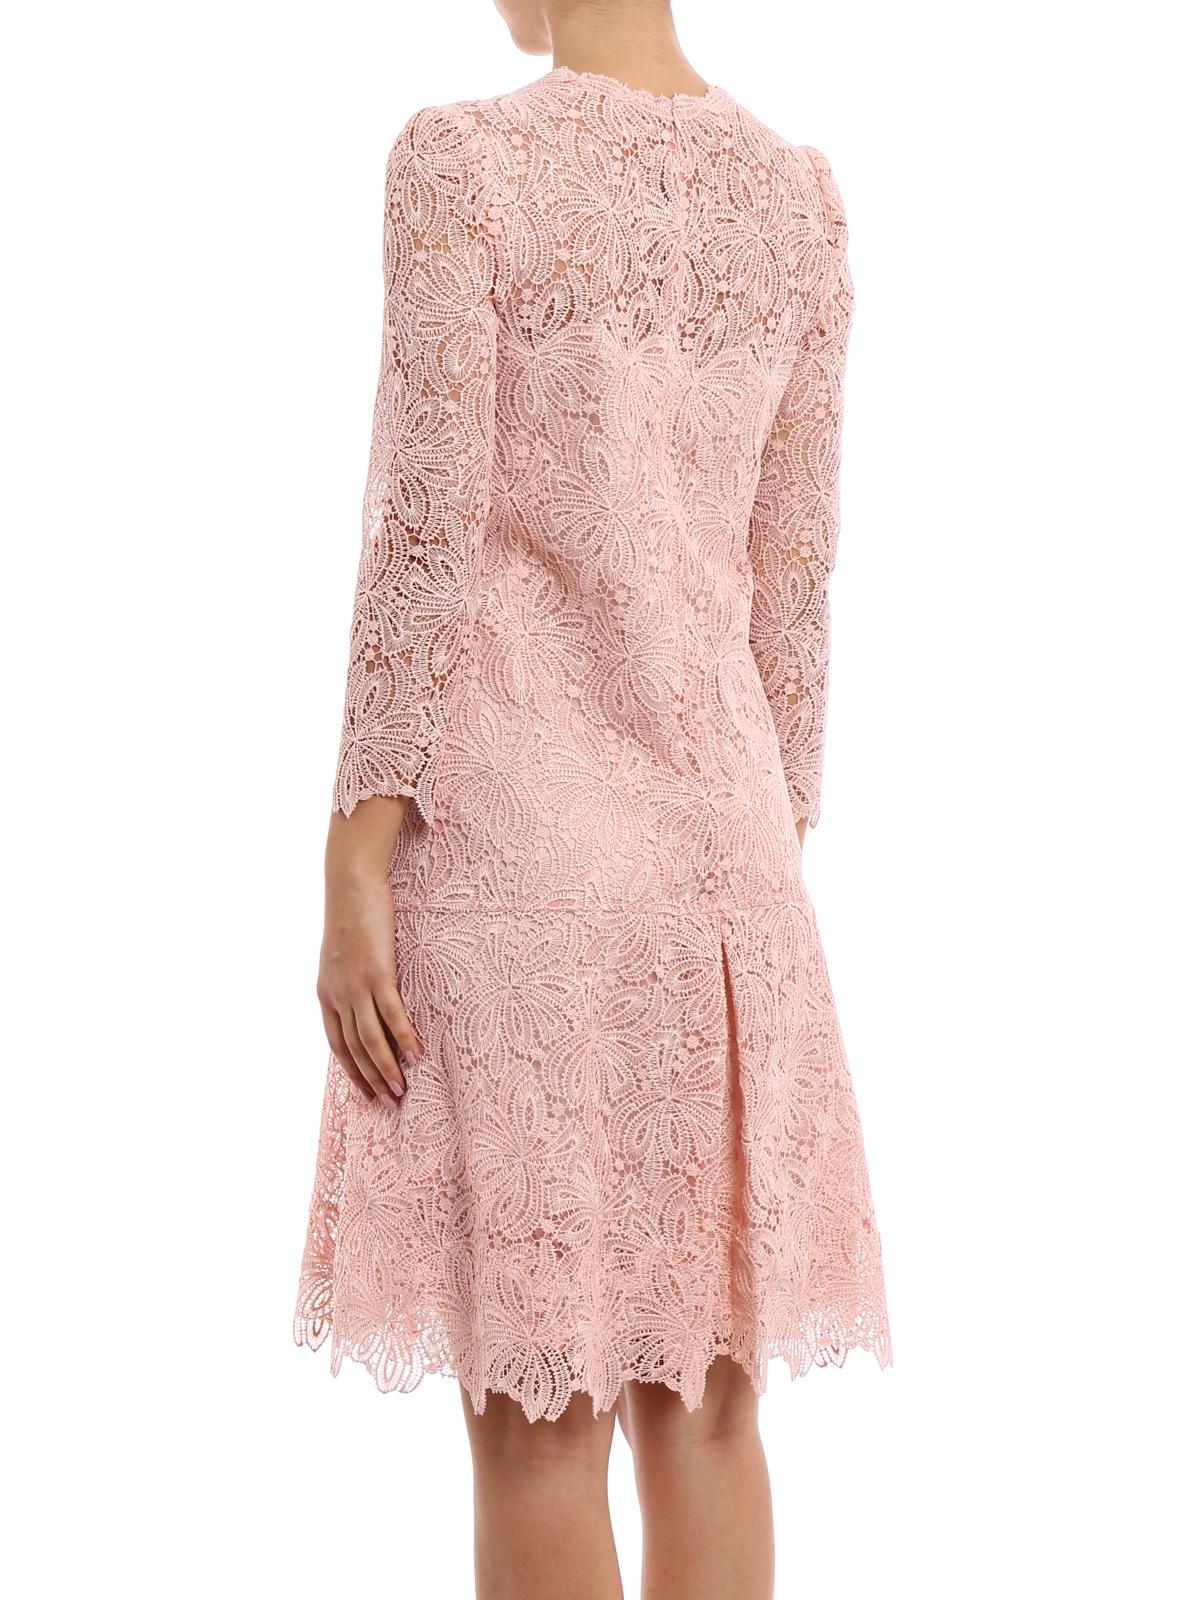 quality design b1a30 e7377 Ermanno Scervino - Abito in pizzo rosa antico - abiti da ...